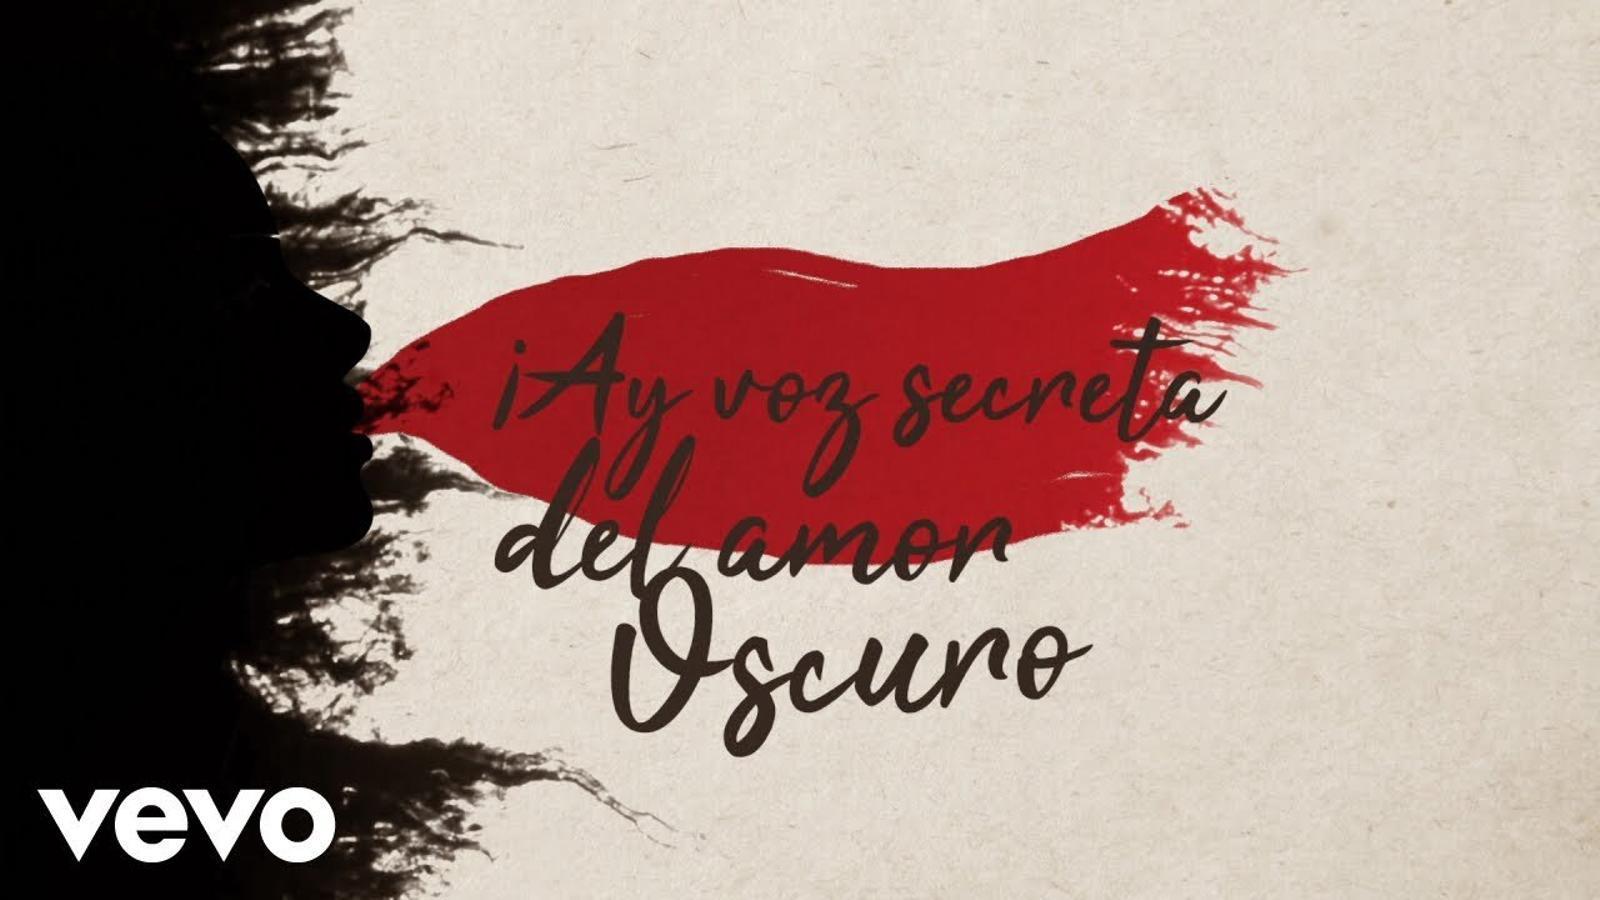 ¡Ay, voz secreta del amor oscuro!: Miguel Poveda canta un poema de Federico García Lorca